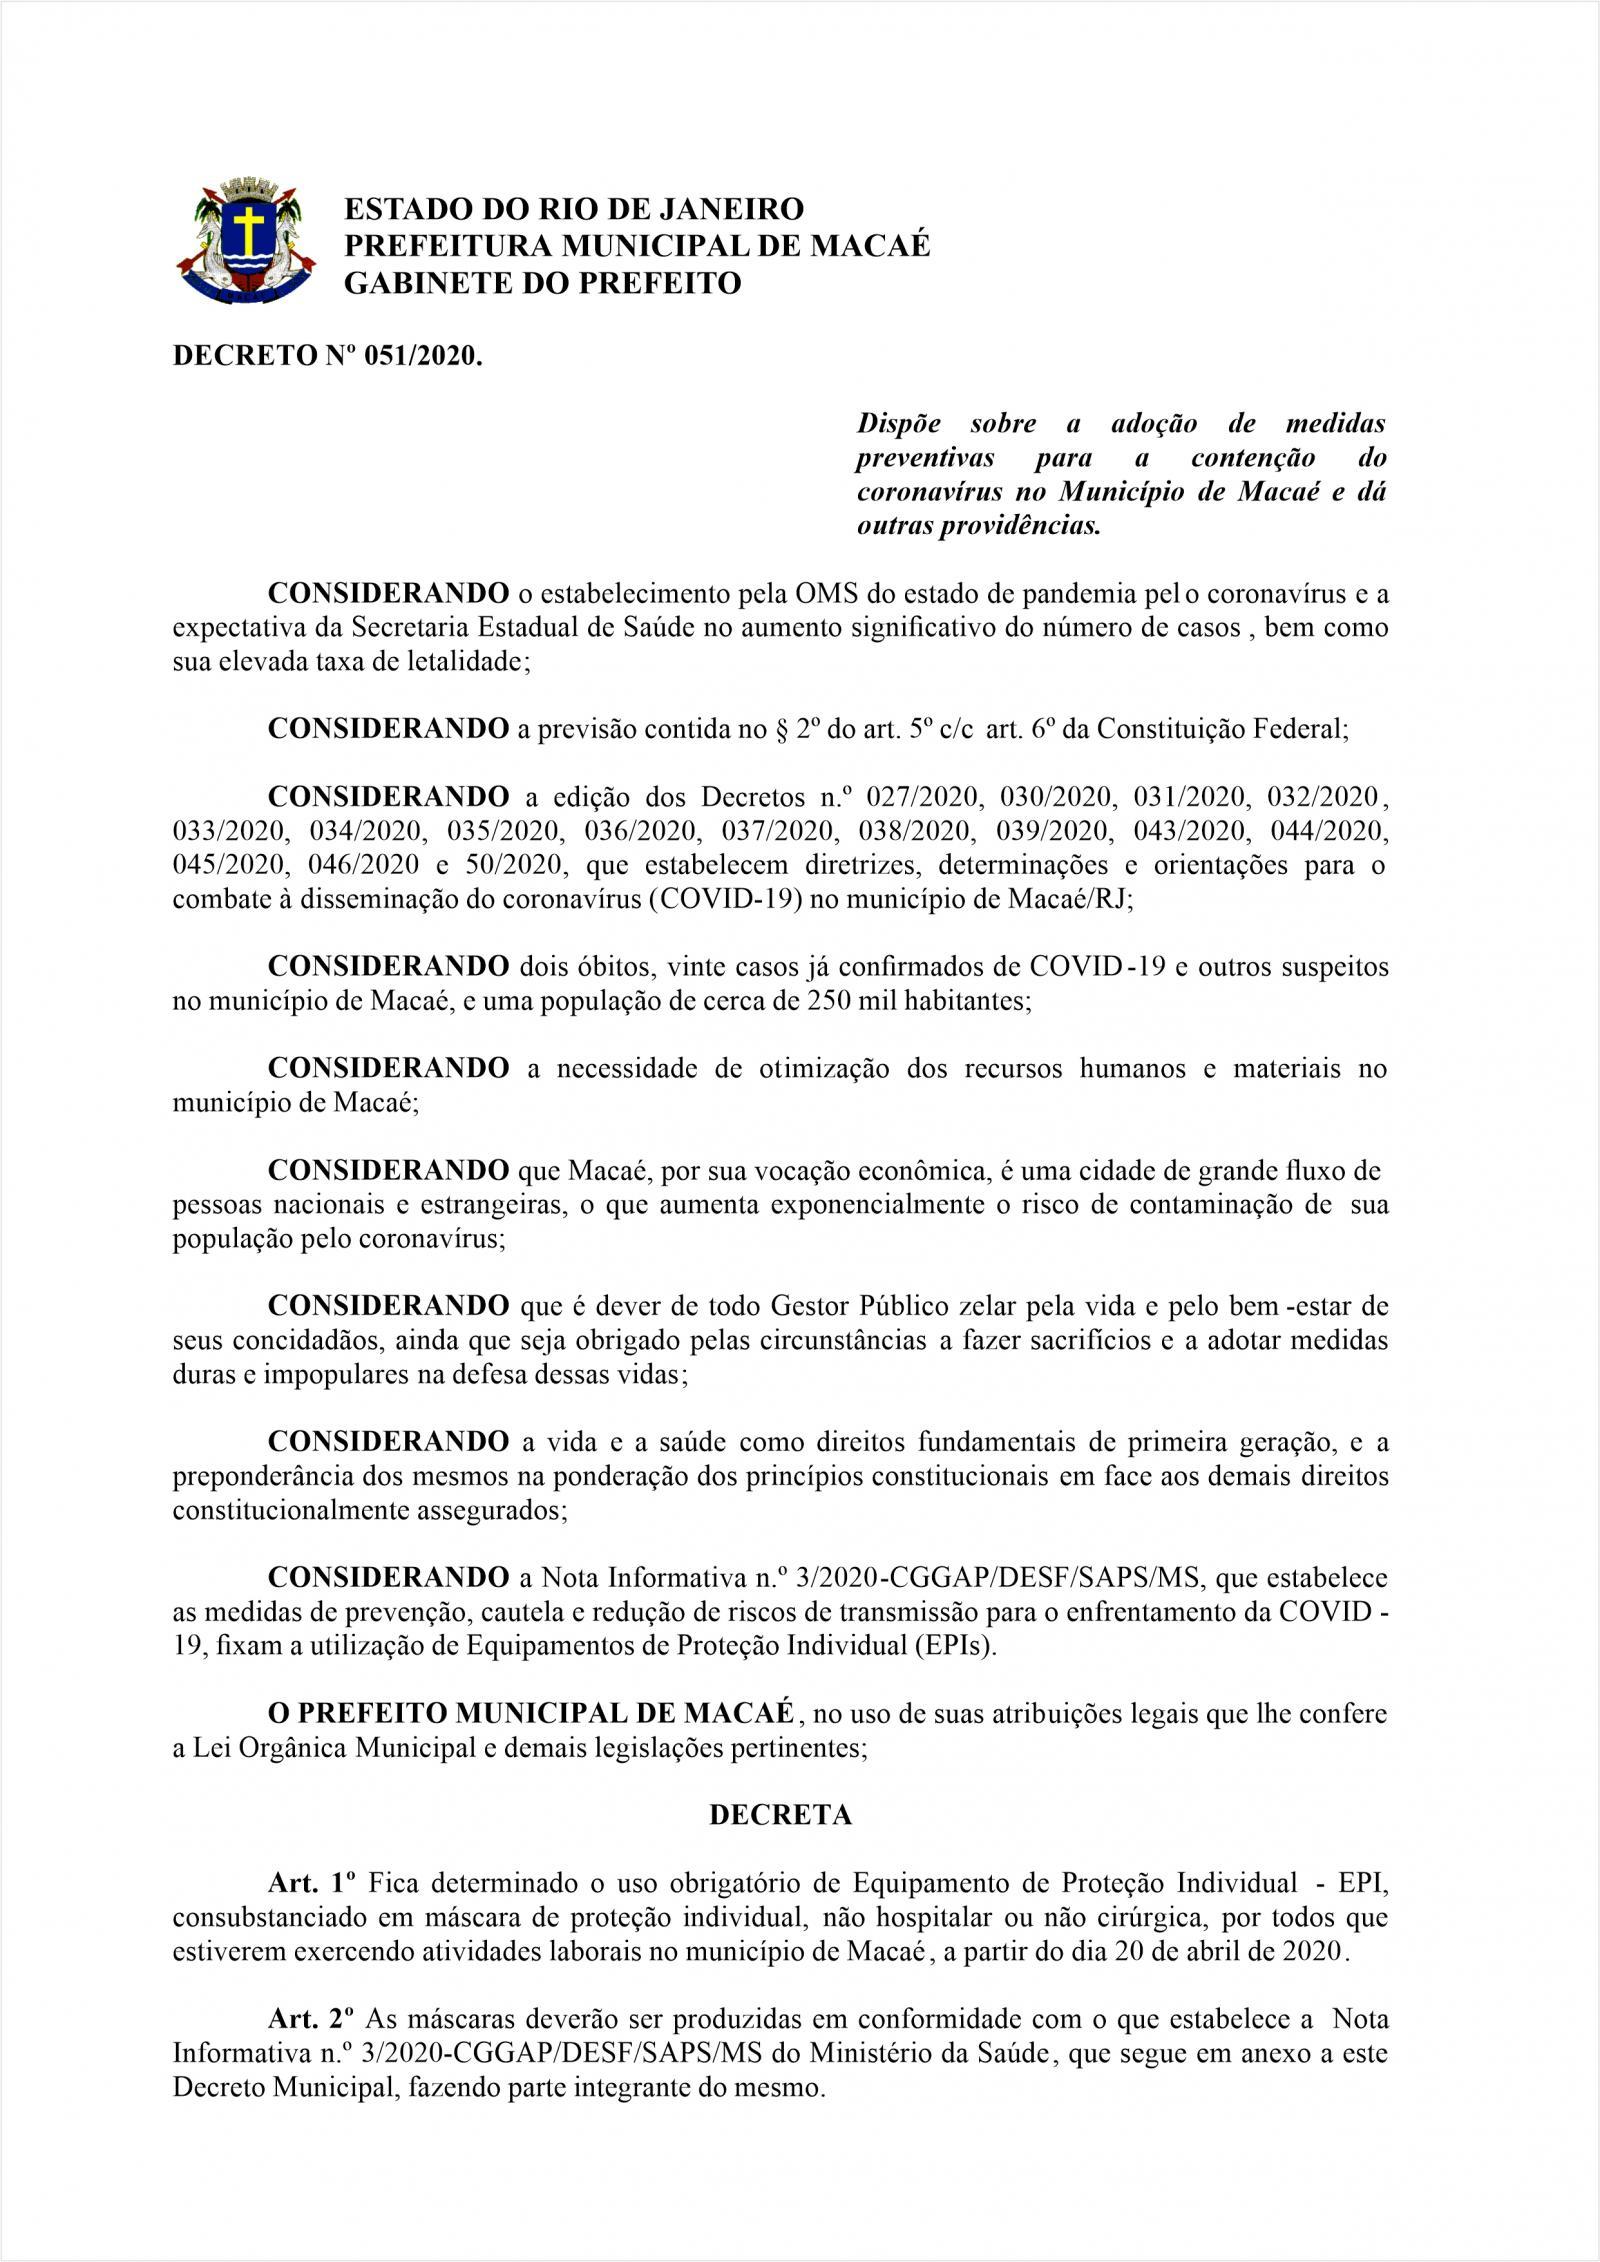 Decreto 51/2020